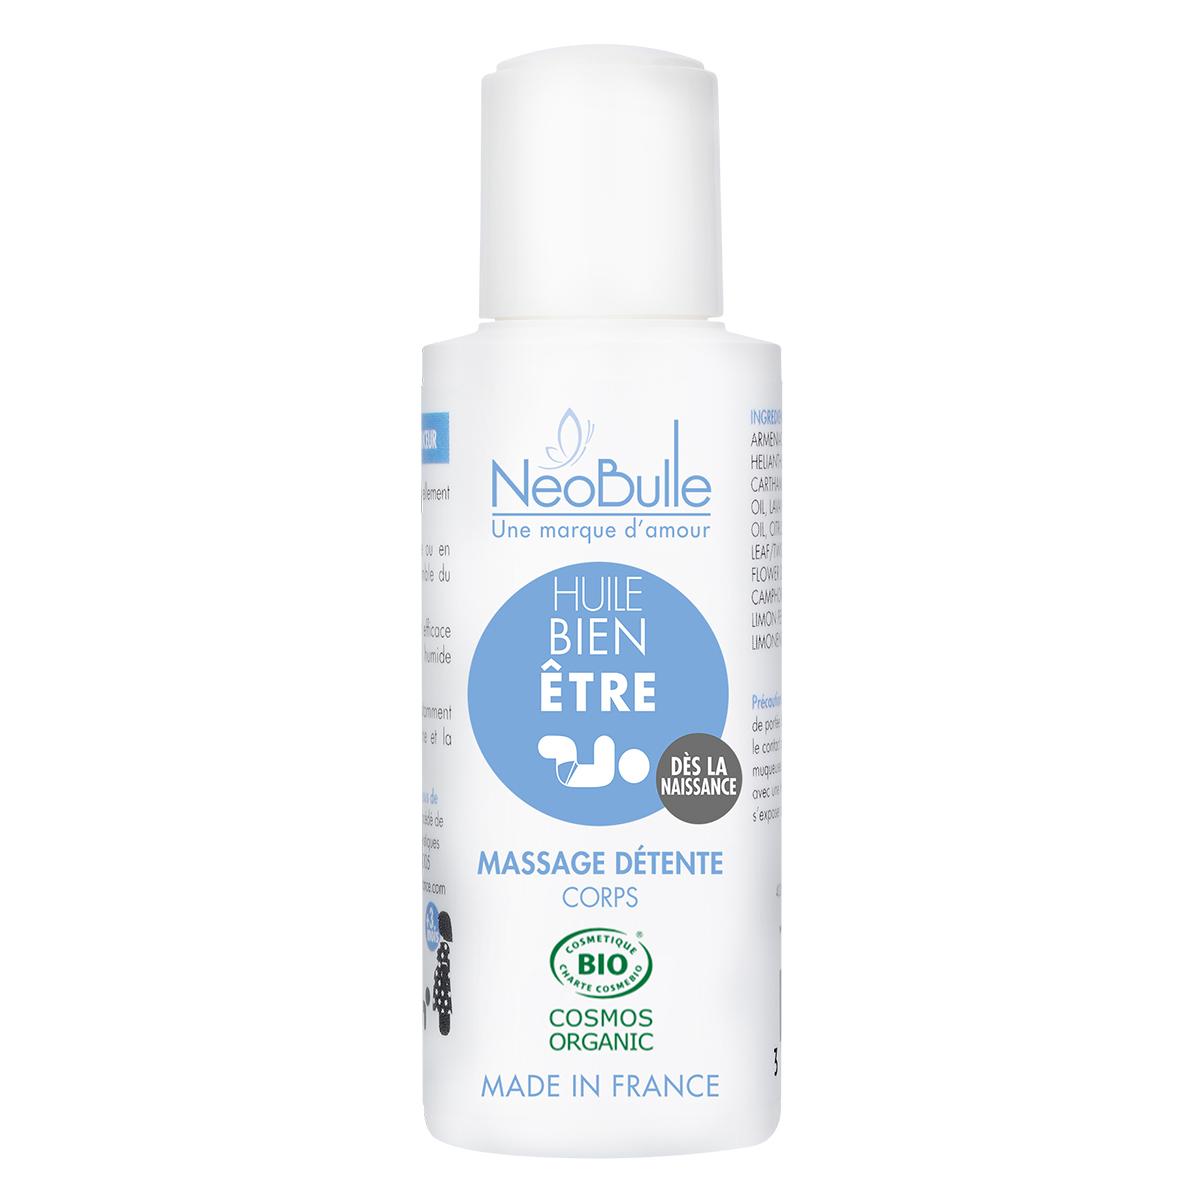 Cosmétique enfant Huile de Bien-être Massage Détente - 100 ml Huile de Bien-être Massage Détente - 100 ml